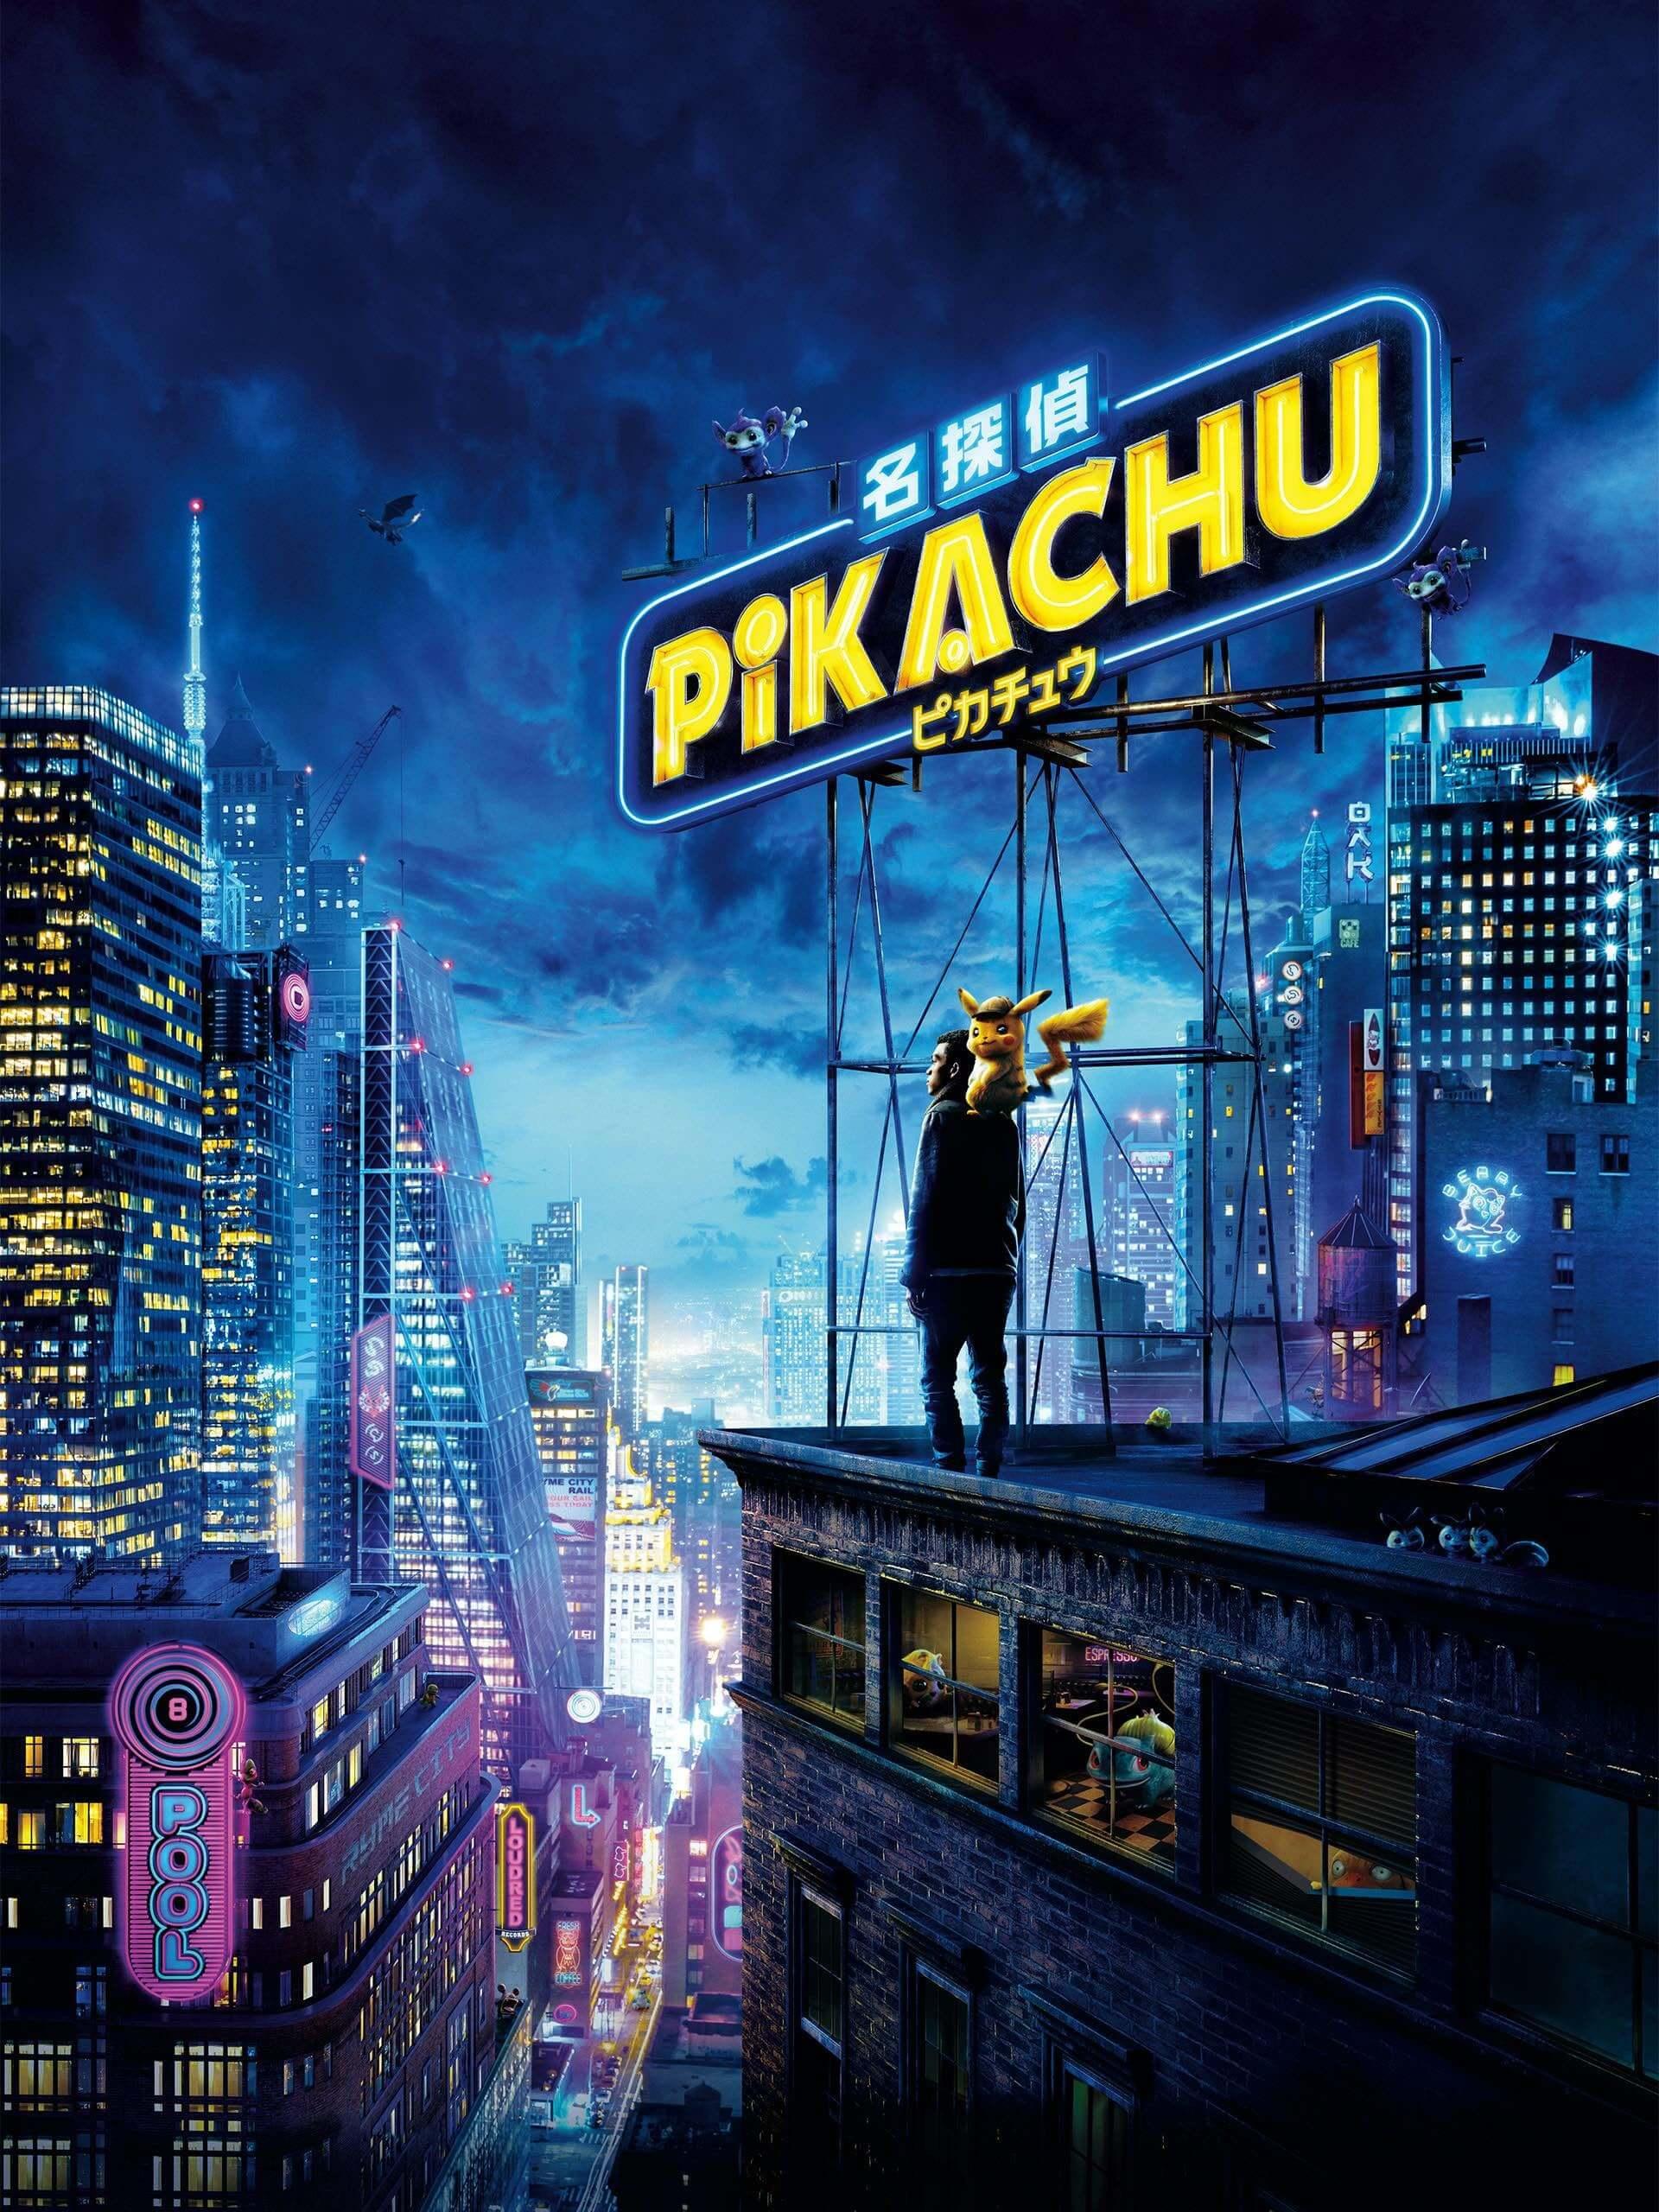 Amazon Prime Video10月新着コンテンツに『名探偵ピカチュウ』や『ウォーキング・デッド:ワールド・ビヨンド』など続々登場!アニメには『池袋ウエストゲートパーク』『呪術廻戦』も film200924_amazonprimevideo_7-1920x2560